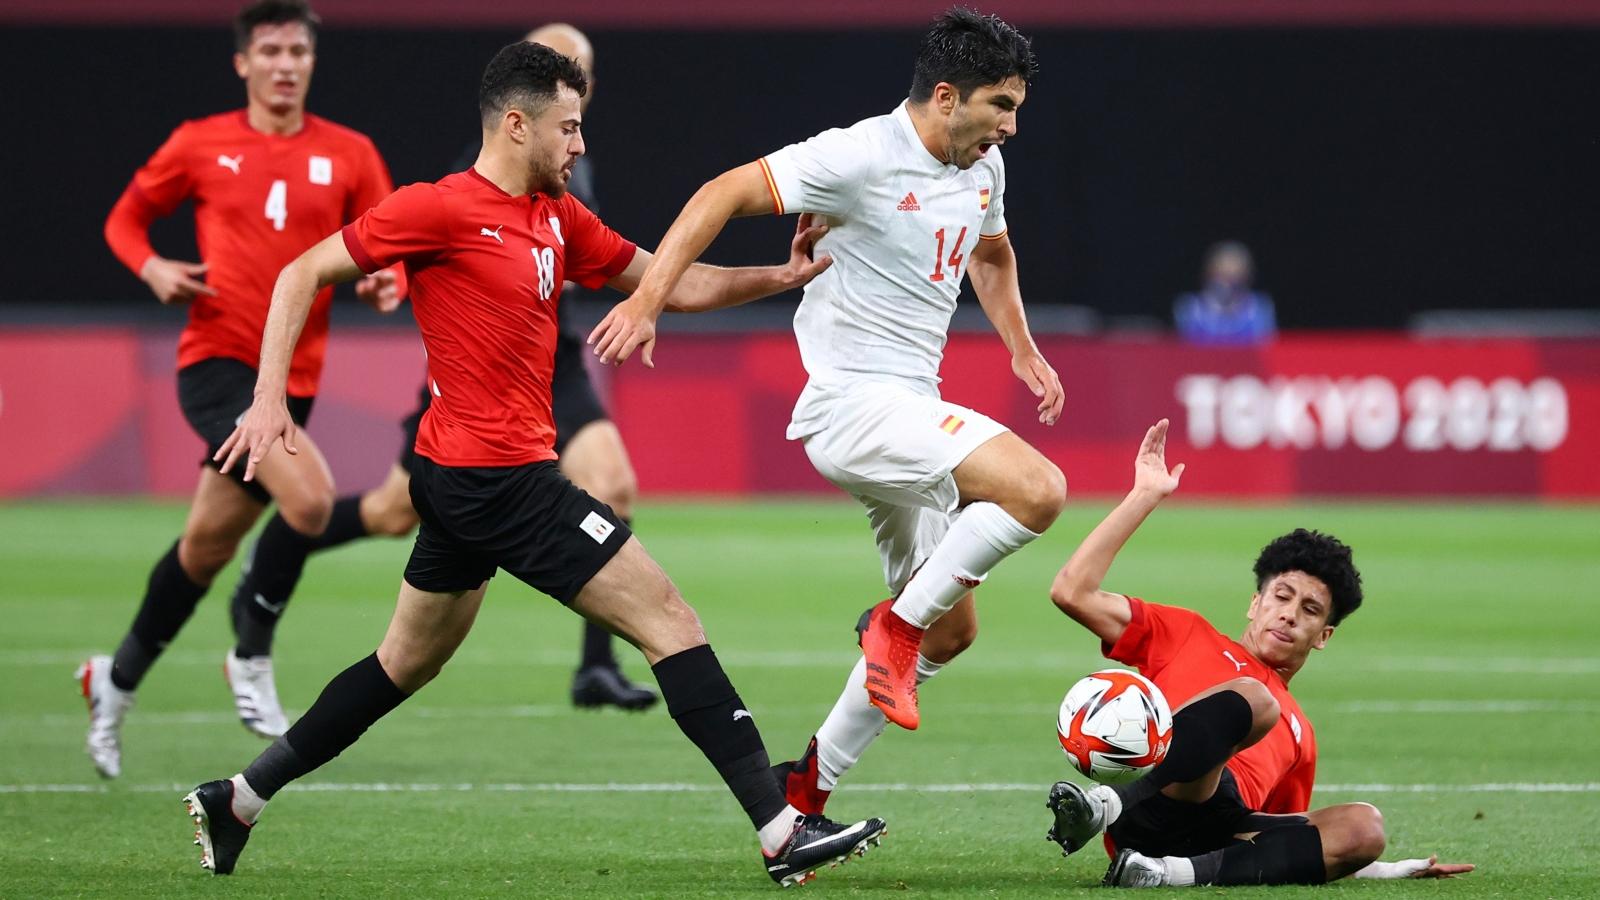 Trực tiếp bóng đá Olympic Tokyo, Australia - Tây Ban Nha: Lấy lại thể diện